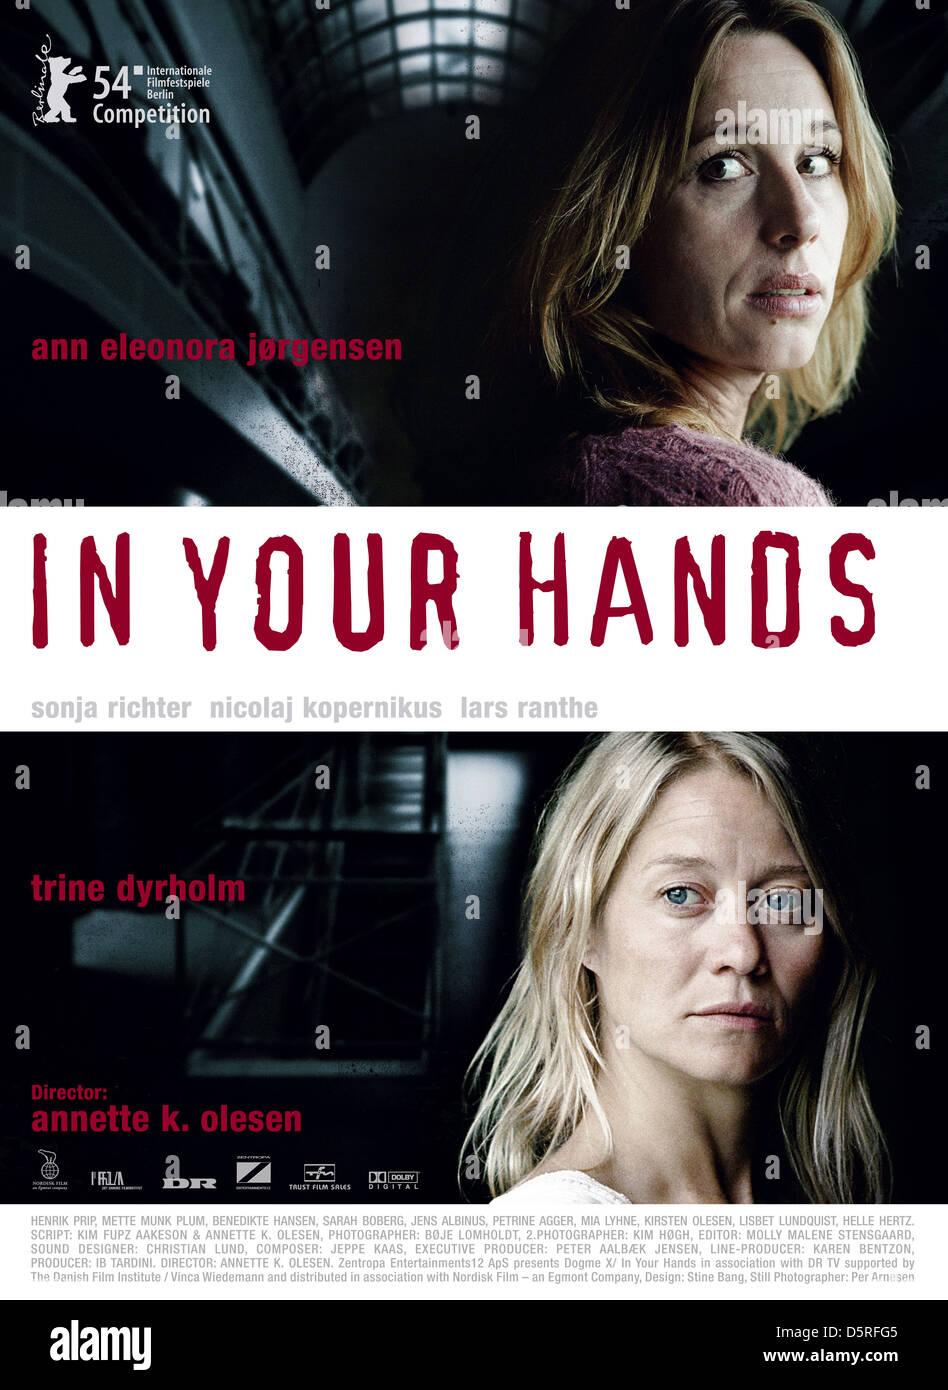 ANN ELEONORA JORGENSEN & TRINE DYRHOLM POSTER IN YOUR HANDS; FORBRYDELSER (2004) - Stock Image